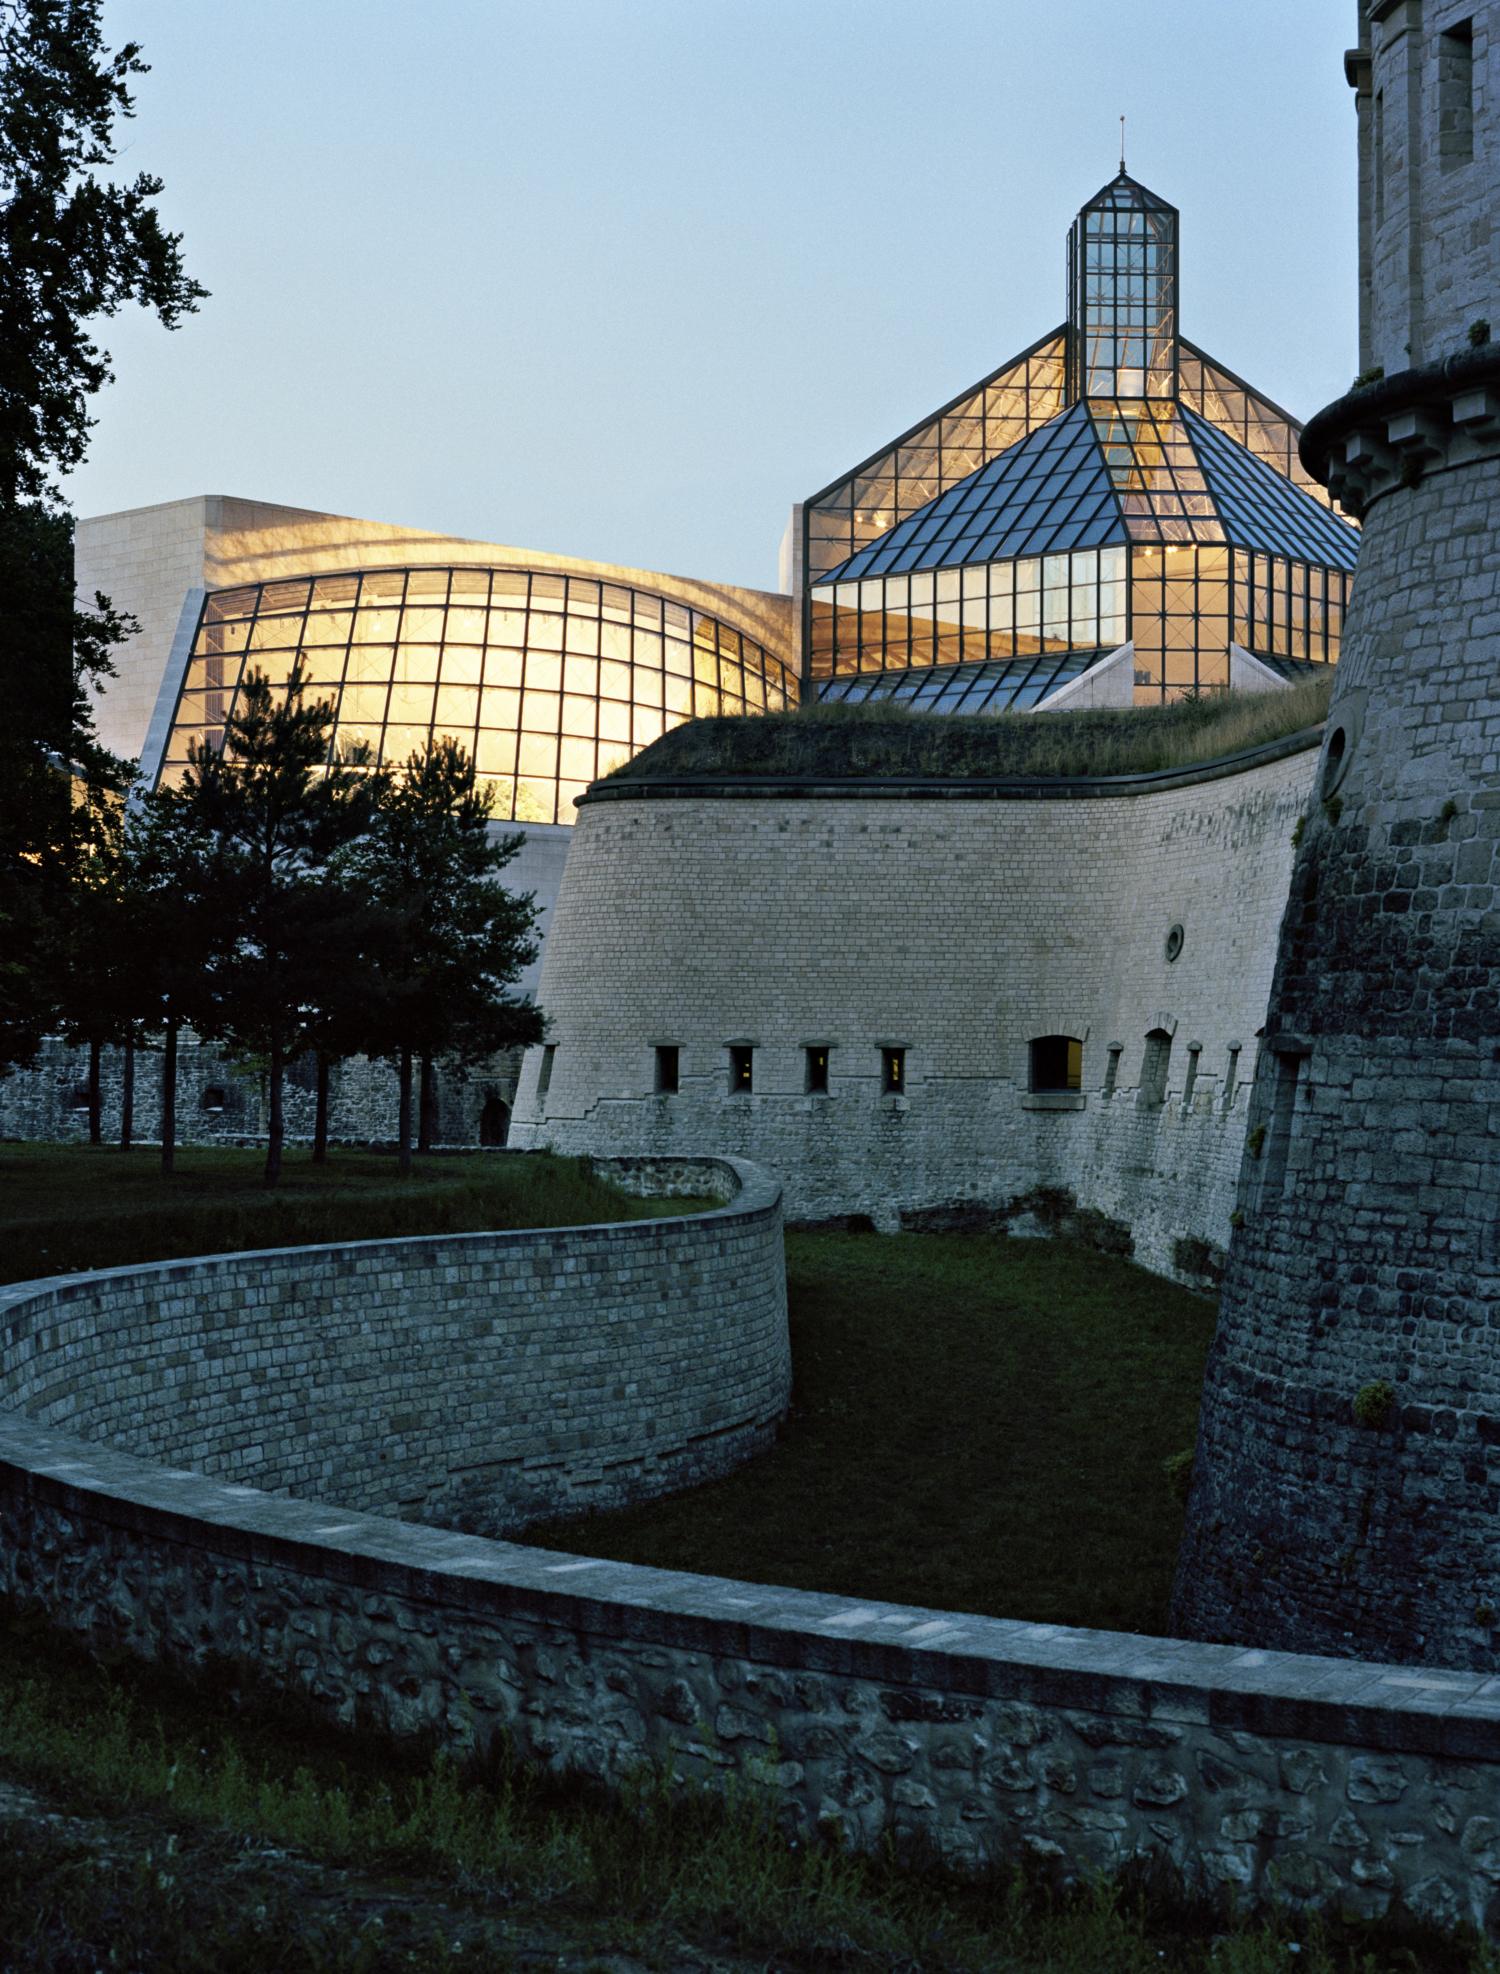 Mudam Luxembourg, I. M. Pei architect design